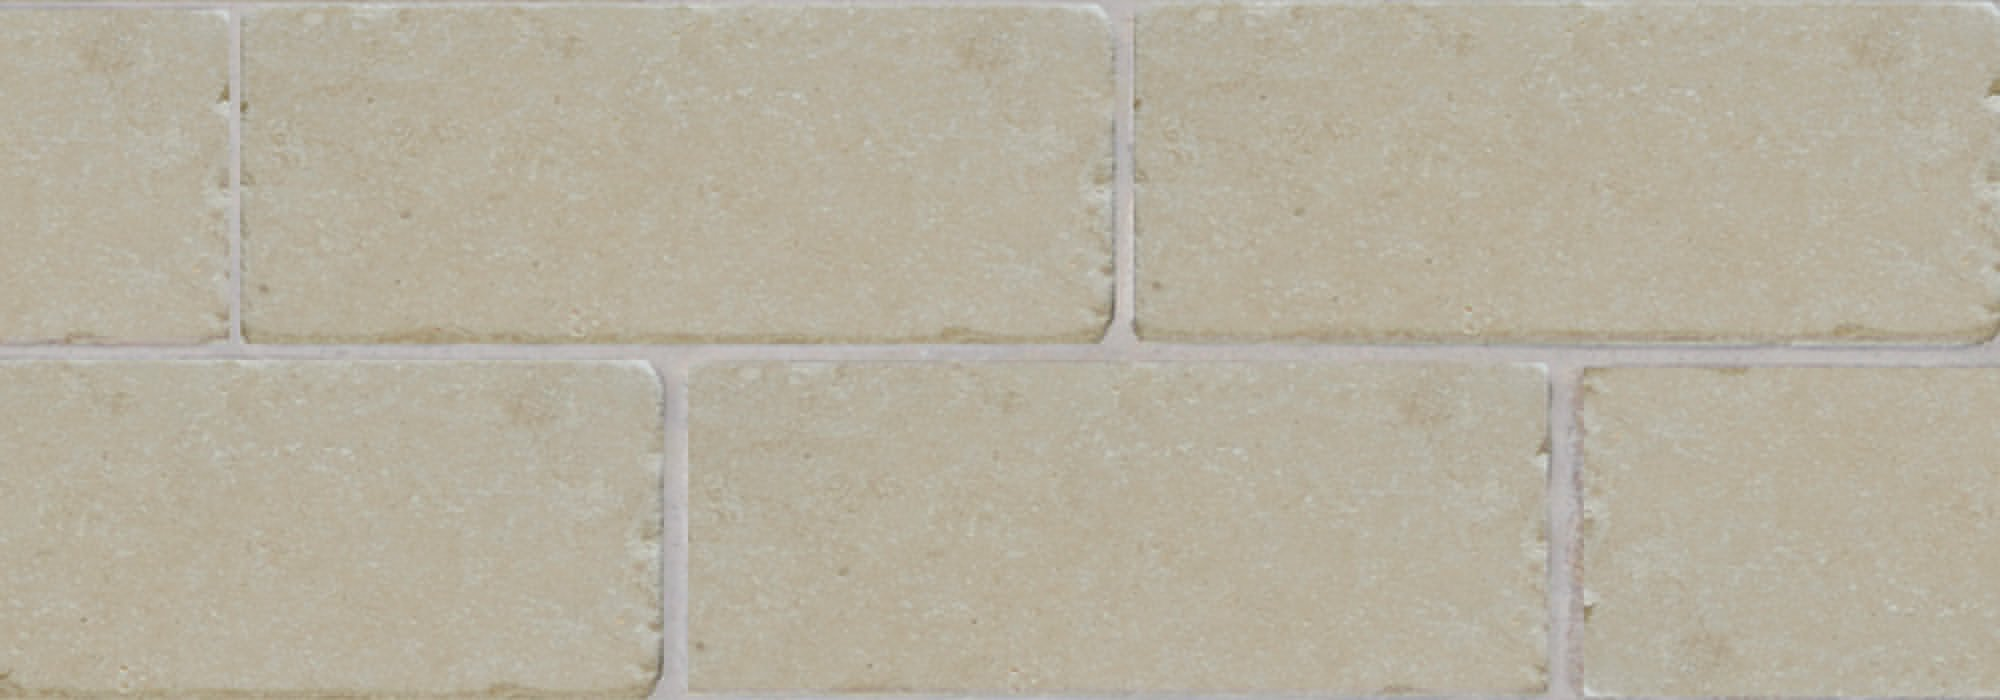 פנינה טרומל 15*7.5*1 by Milstone